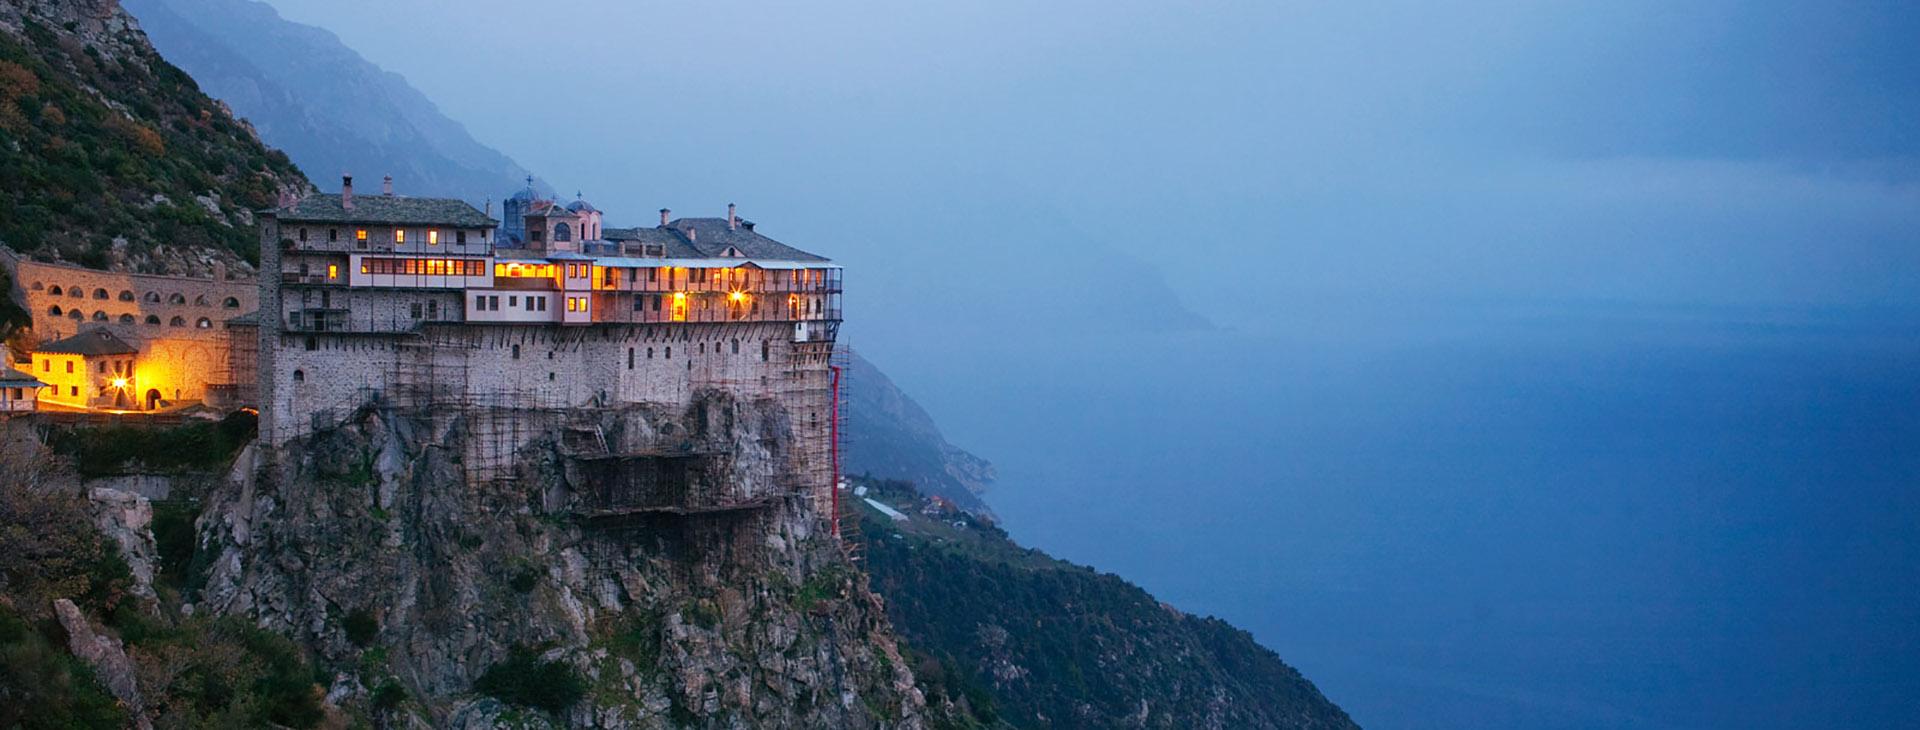 Simonos Petras Monastery, Mt. Athos, Halkidiki (Chalkidiki)